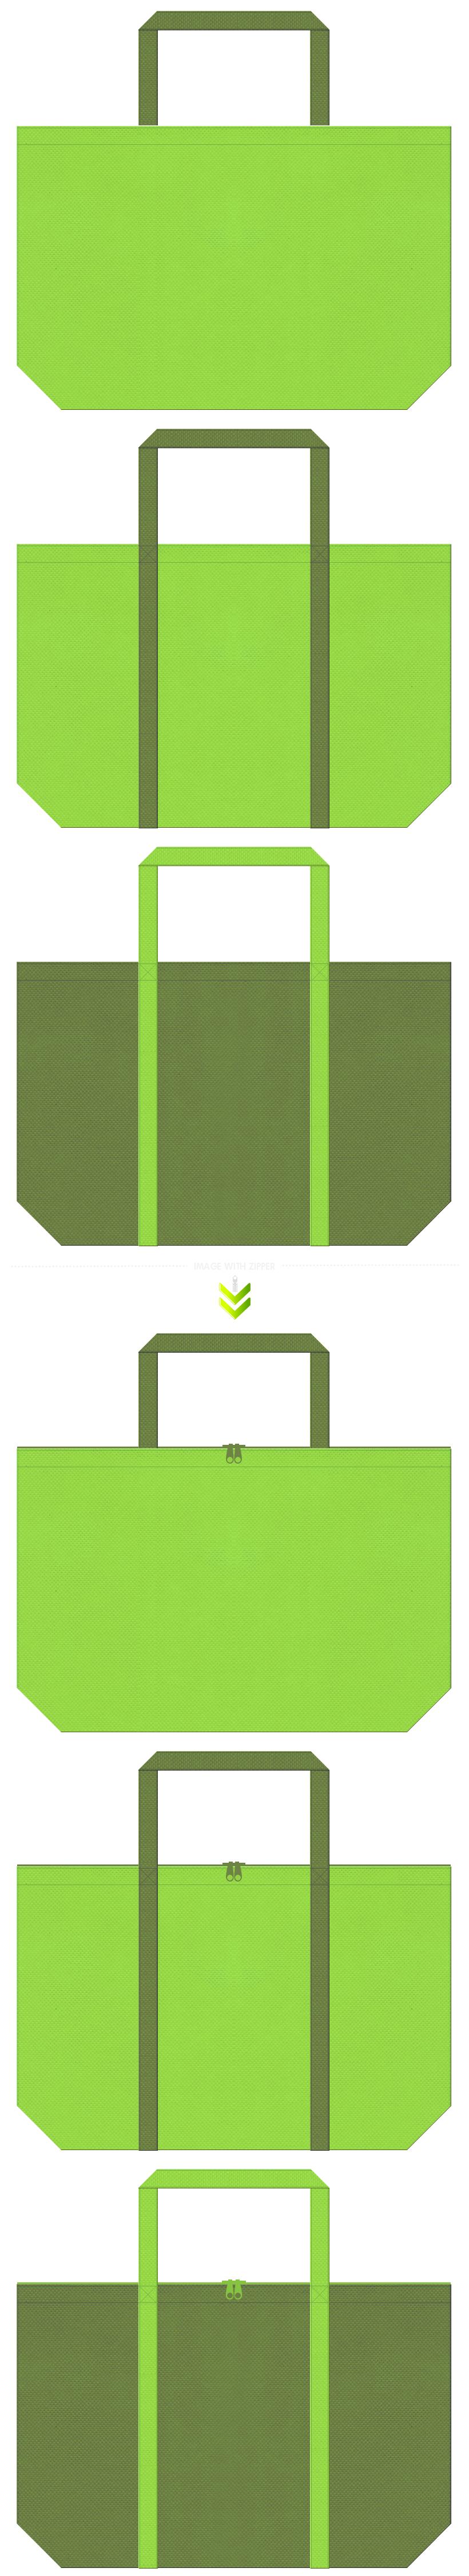 海藻・昆布茶・青汁・緑藻類・健康食品・日本茶・抹茶・茶菓子・茶摘・植木・造園・エクステリア・ガーデニング・園芸用品・和風エコバッグにお奨めの不織布バッグデザイン:黄緑色と草色のコーデ